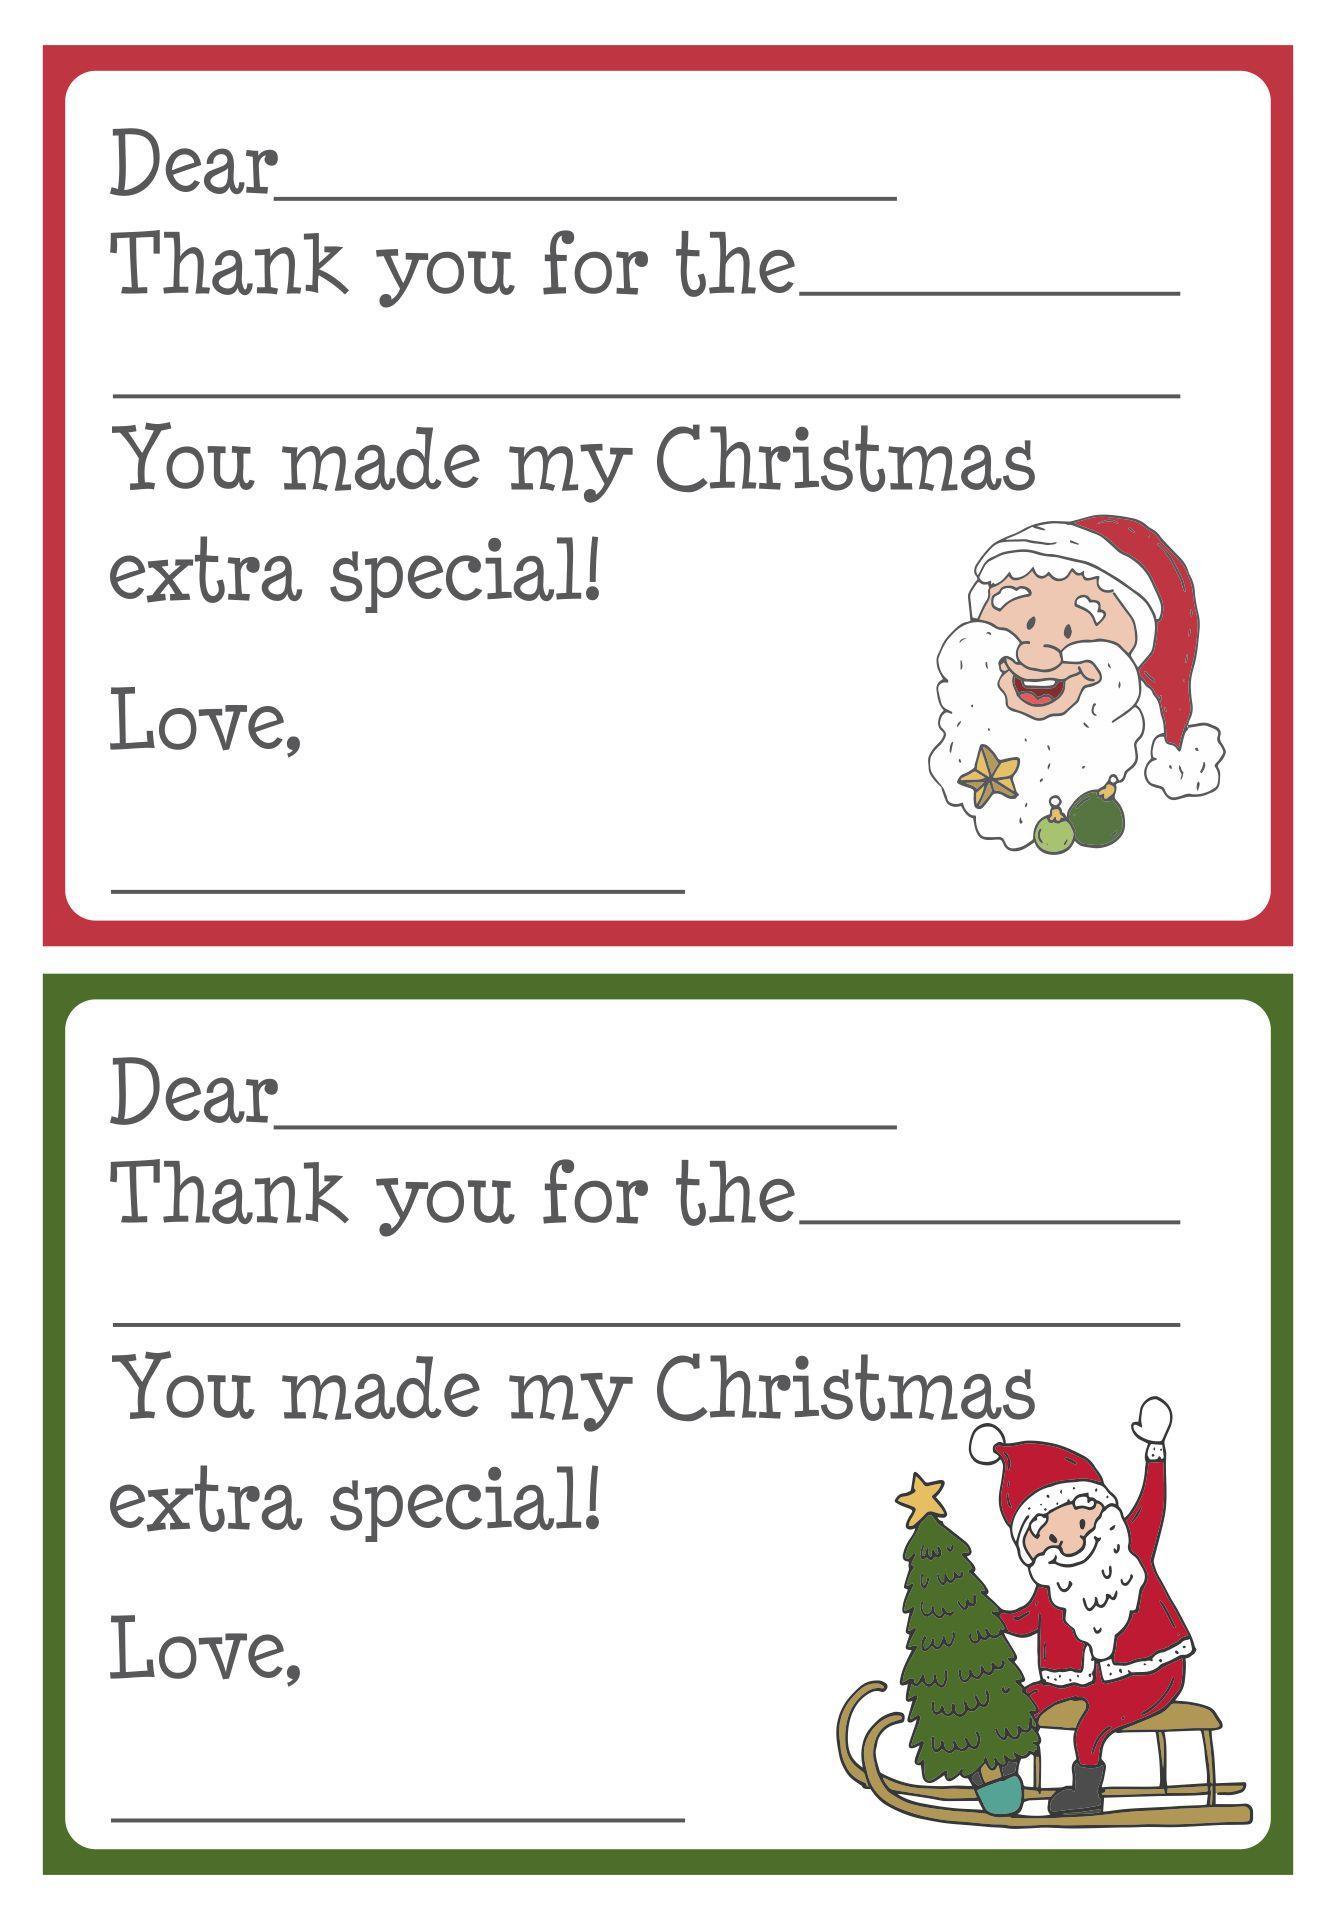 Printable Christmas Thank You Cards for Kids